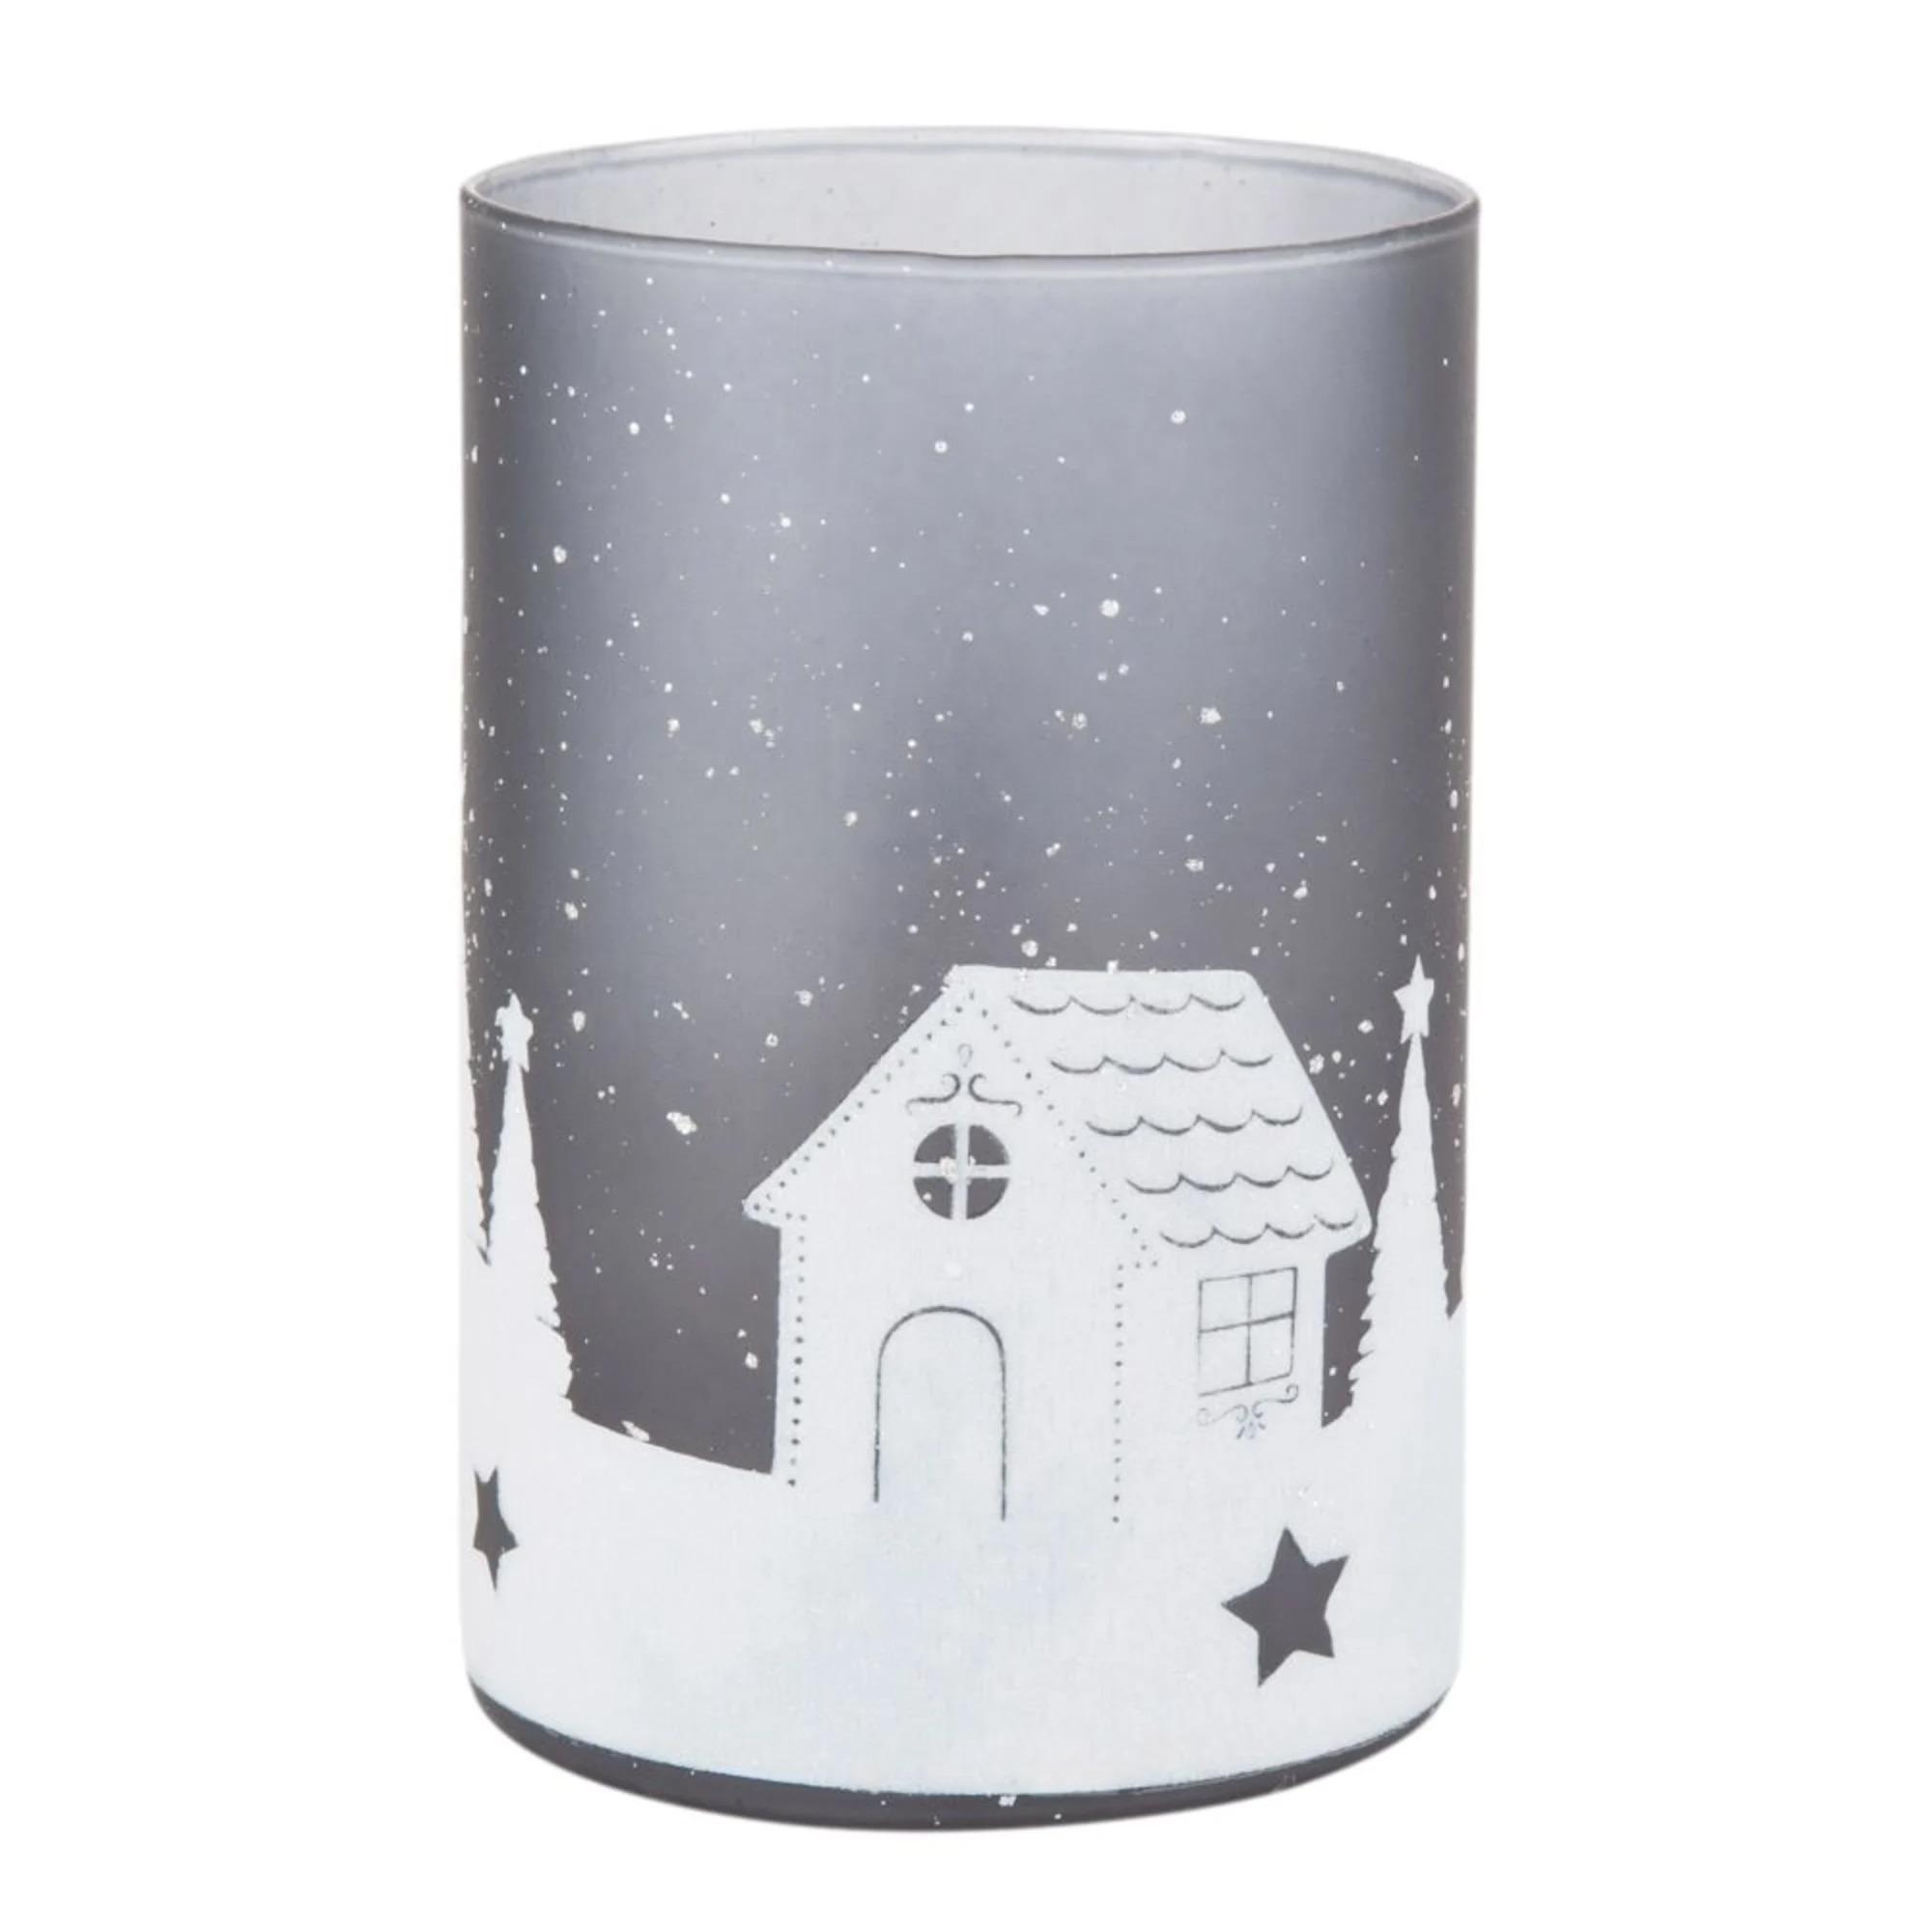 PAYSAGE- Portavelas navideño de cristal con estampado de paisaje gris - Lote de 6  20,70 € 41,94 € (3,45 € la unidad)